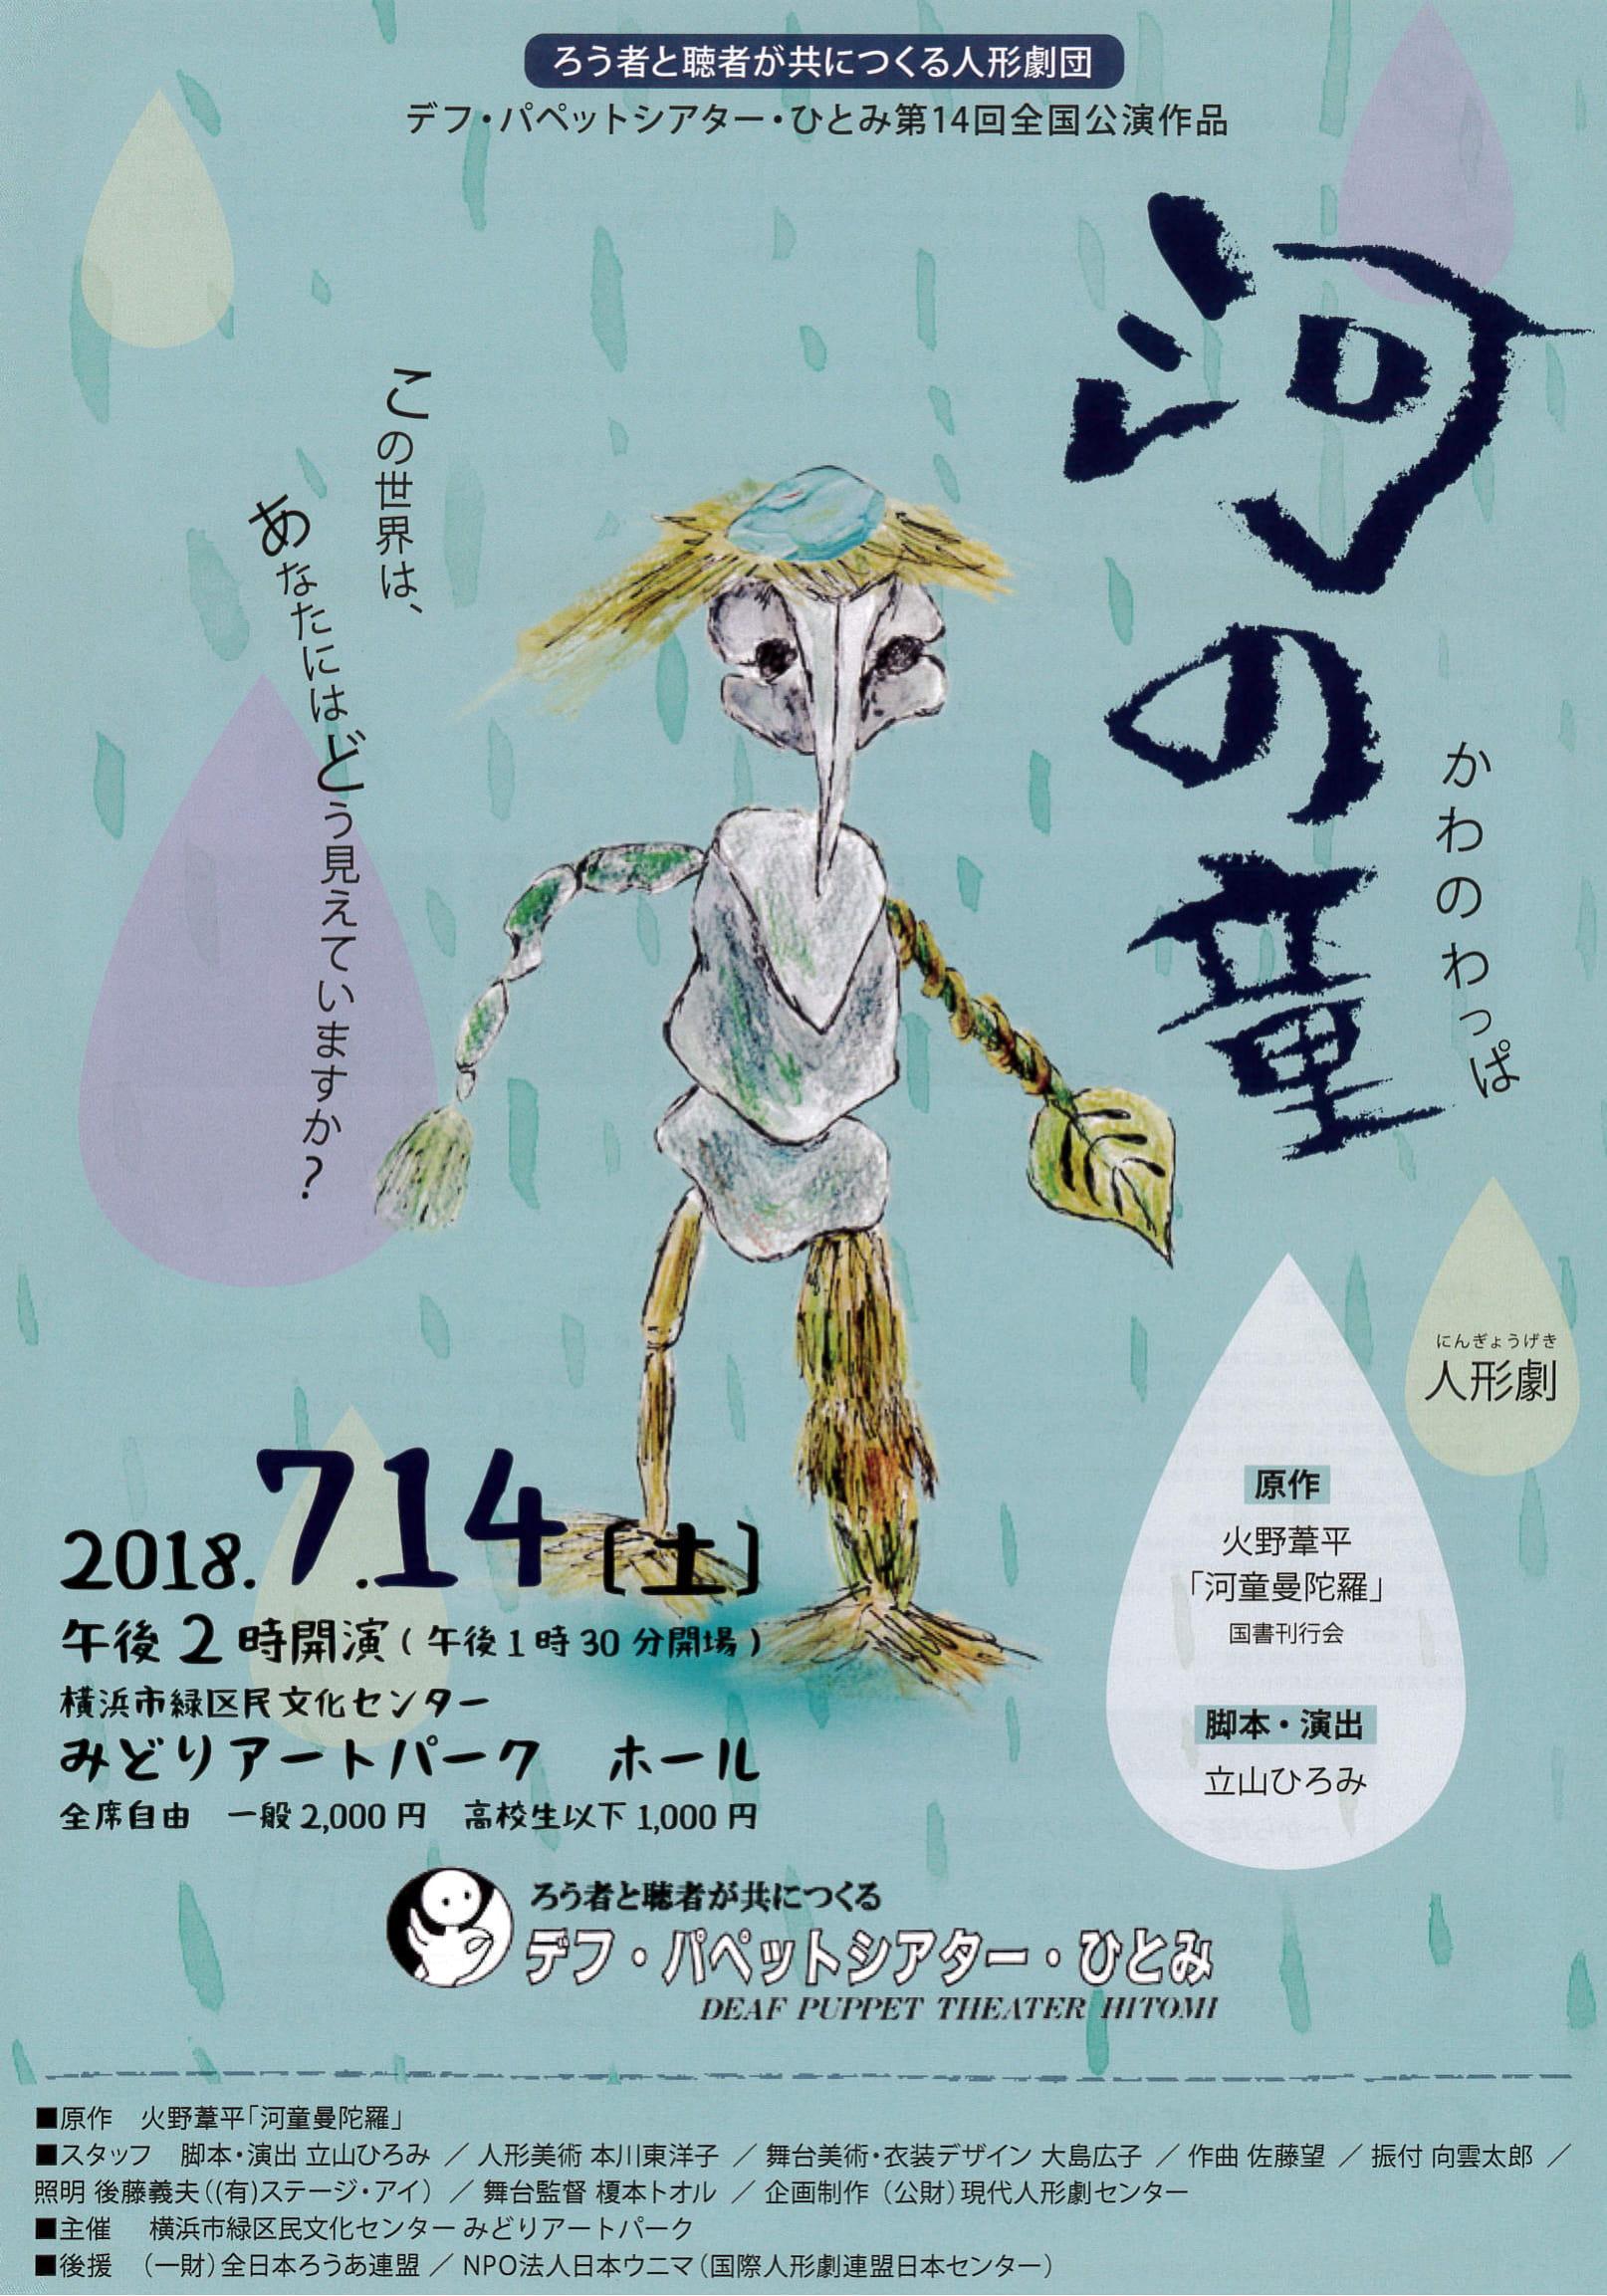 20180414横浜公演 チラシ-1.jpg